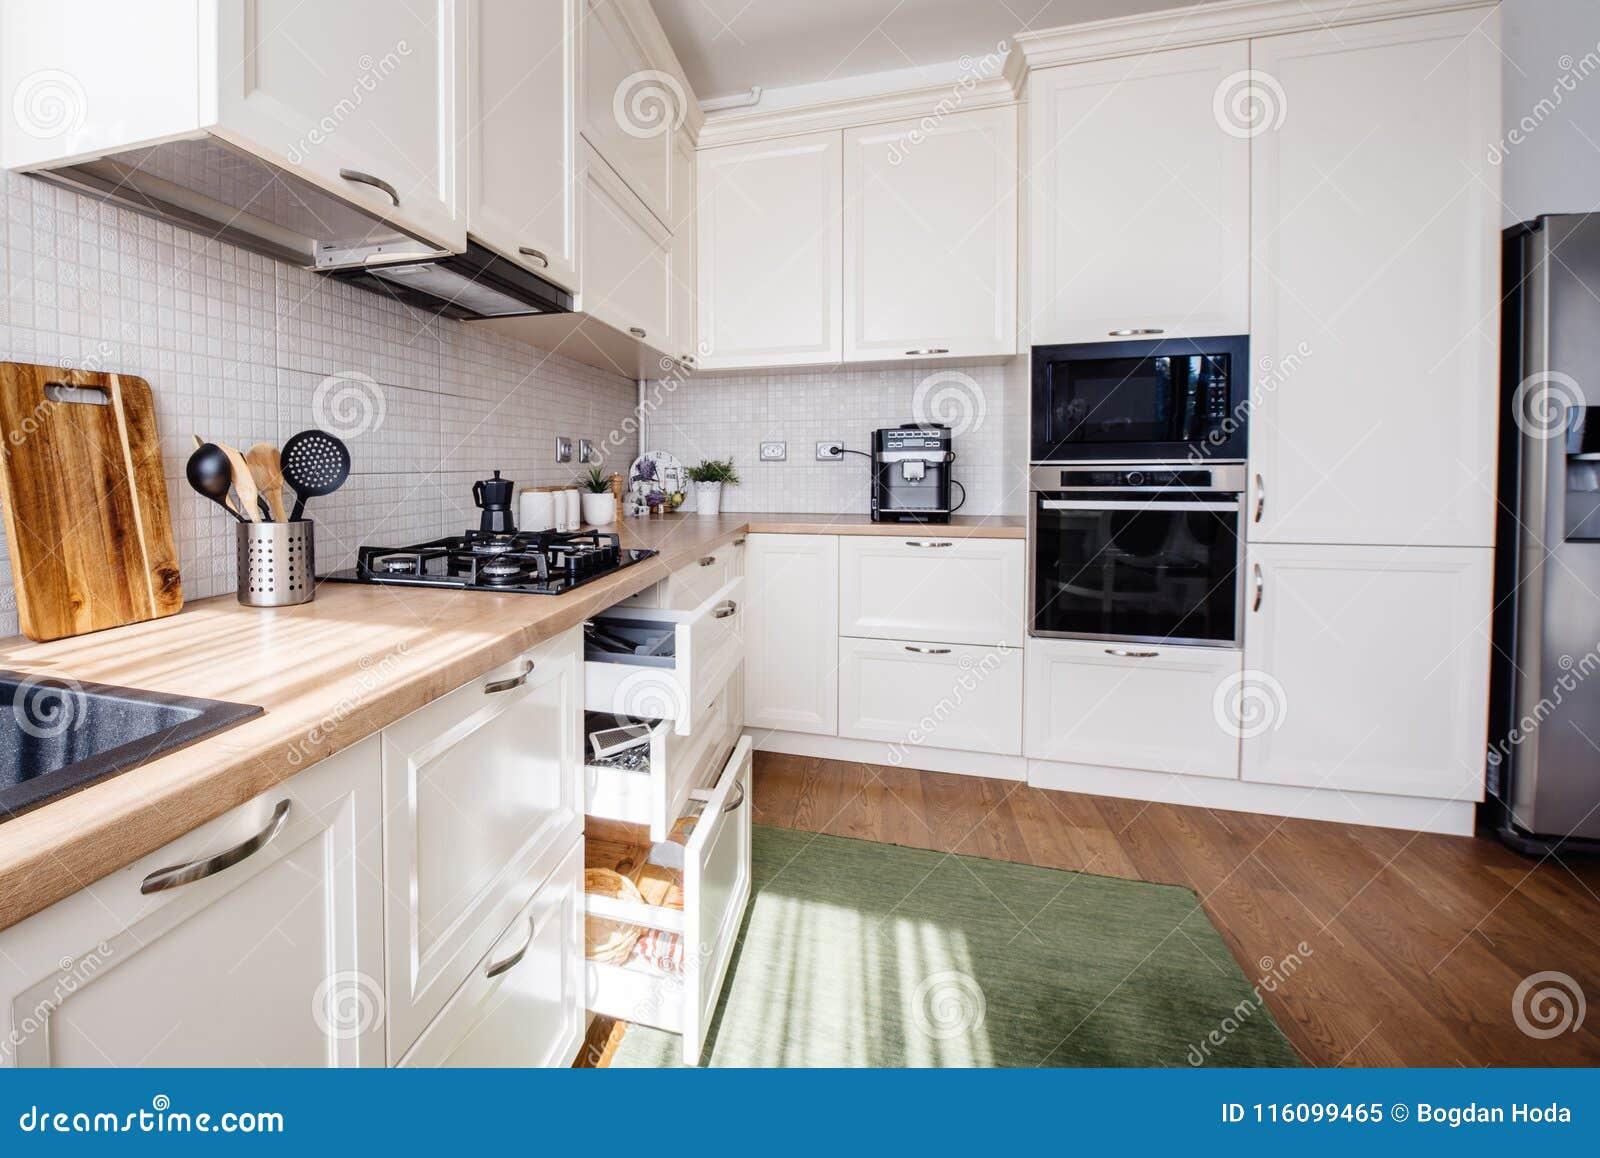 Diseño Moderno De La Cocina, Nuevos Muebles Y Nuevo Hogar ...